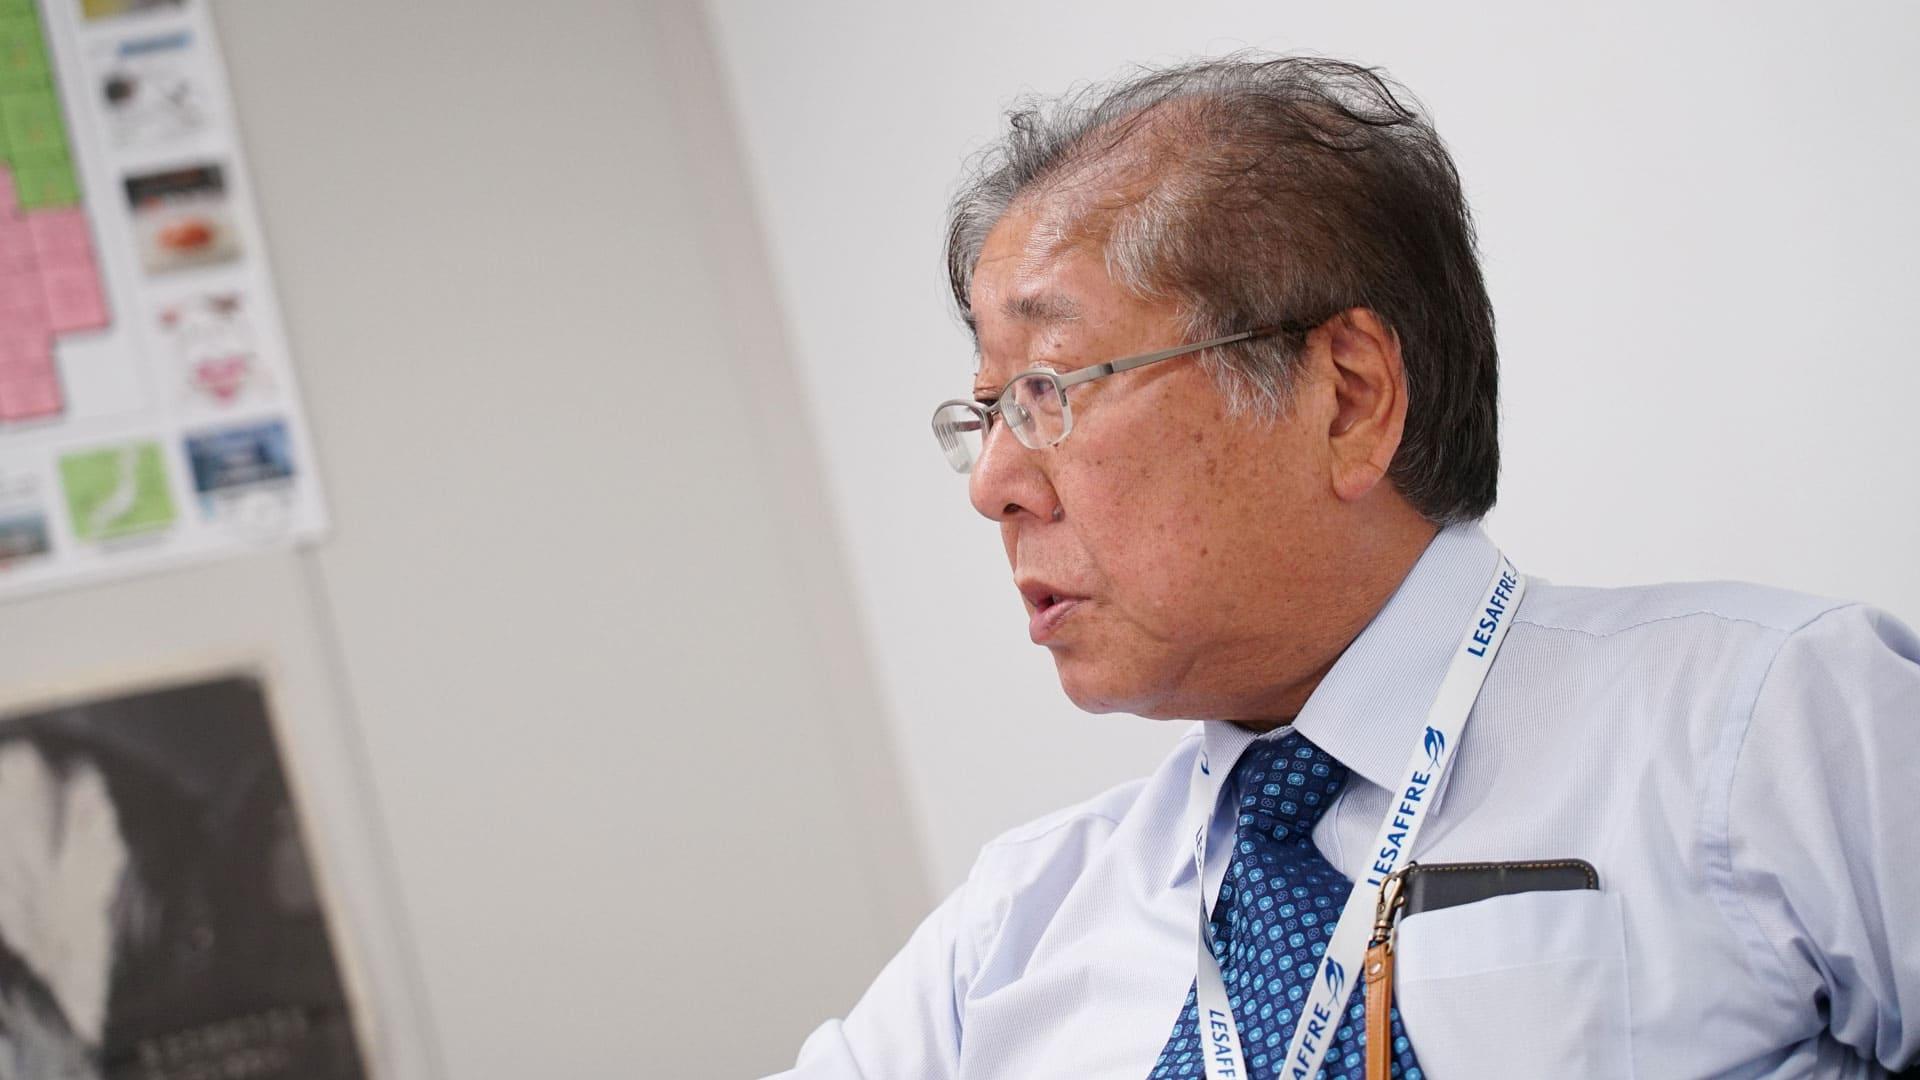 株式会社ワイピーテック 代表取締役社長 飯島秀雄の写真